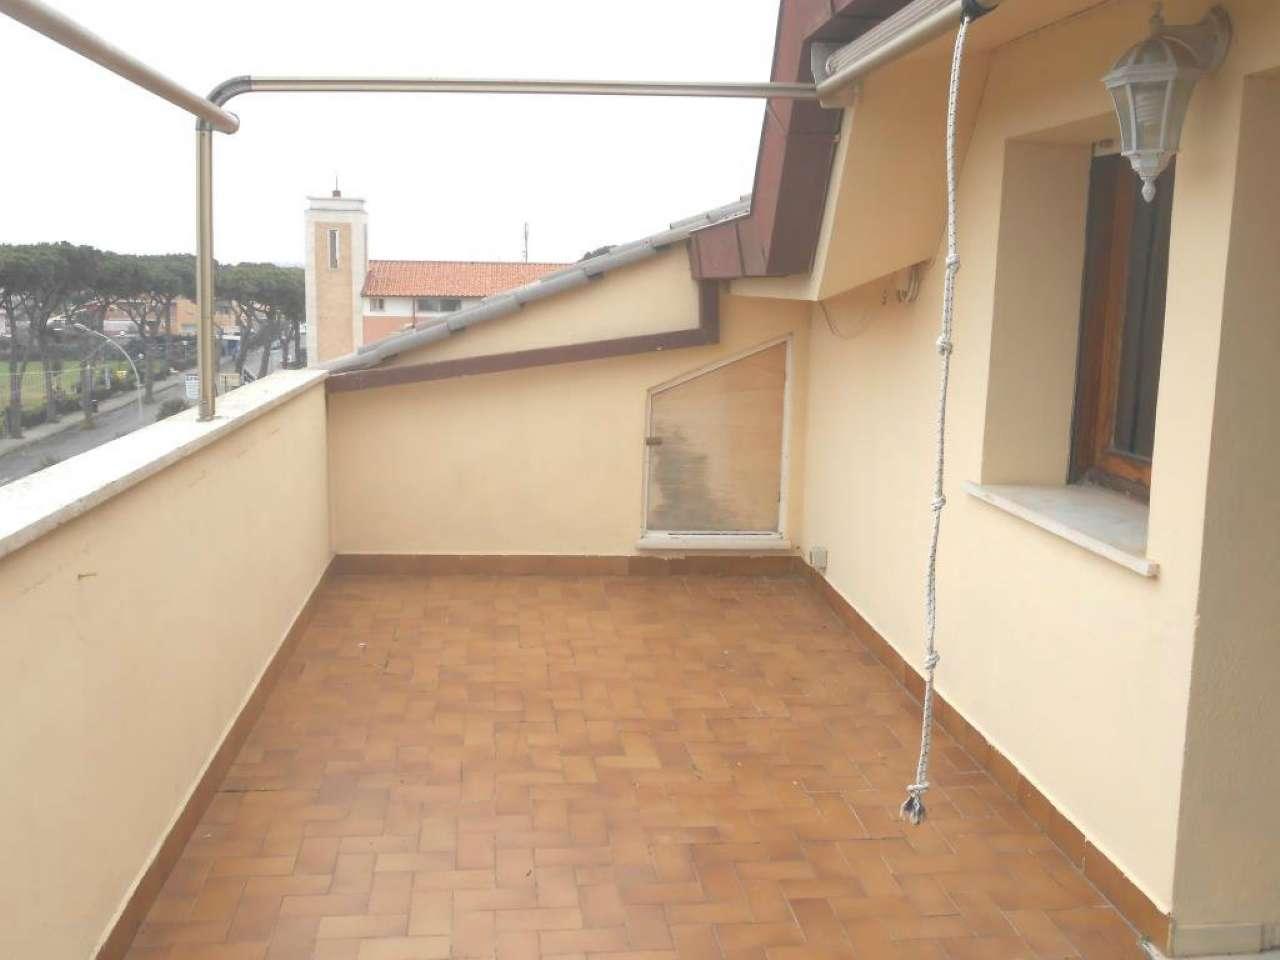 Attico / Mansarda in vendita a Anzio, 3 locali, prezzo € 130.000 | Cambio Casa.it